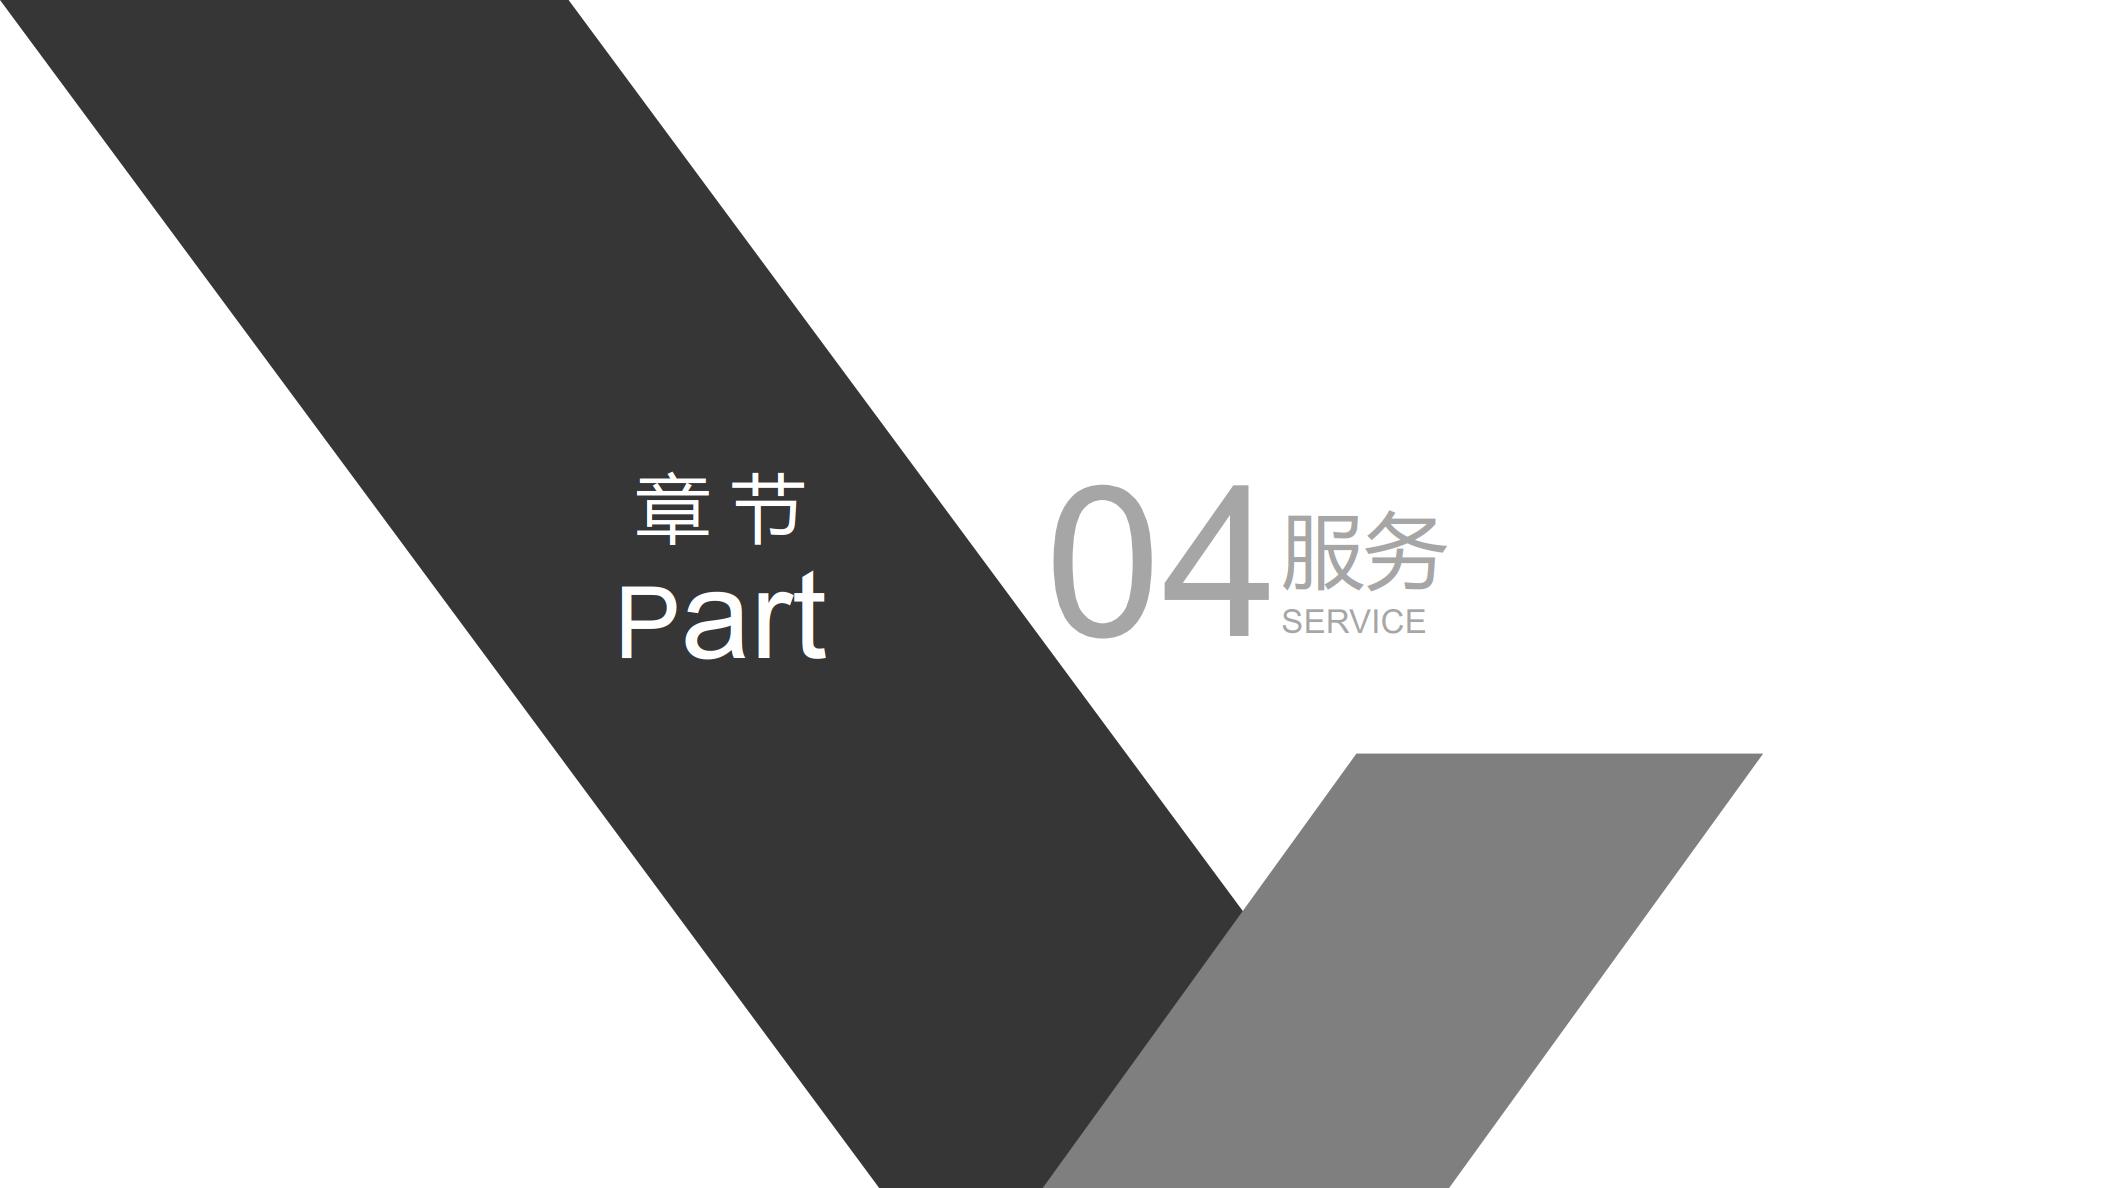 云宝利企业中台简介_13.png